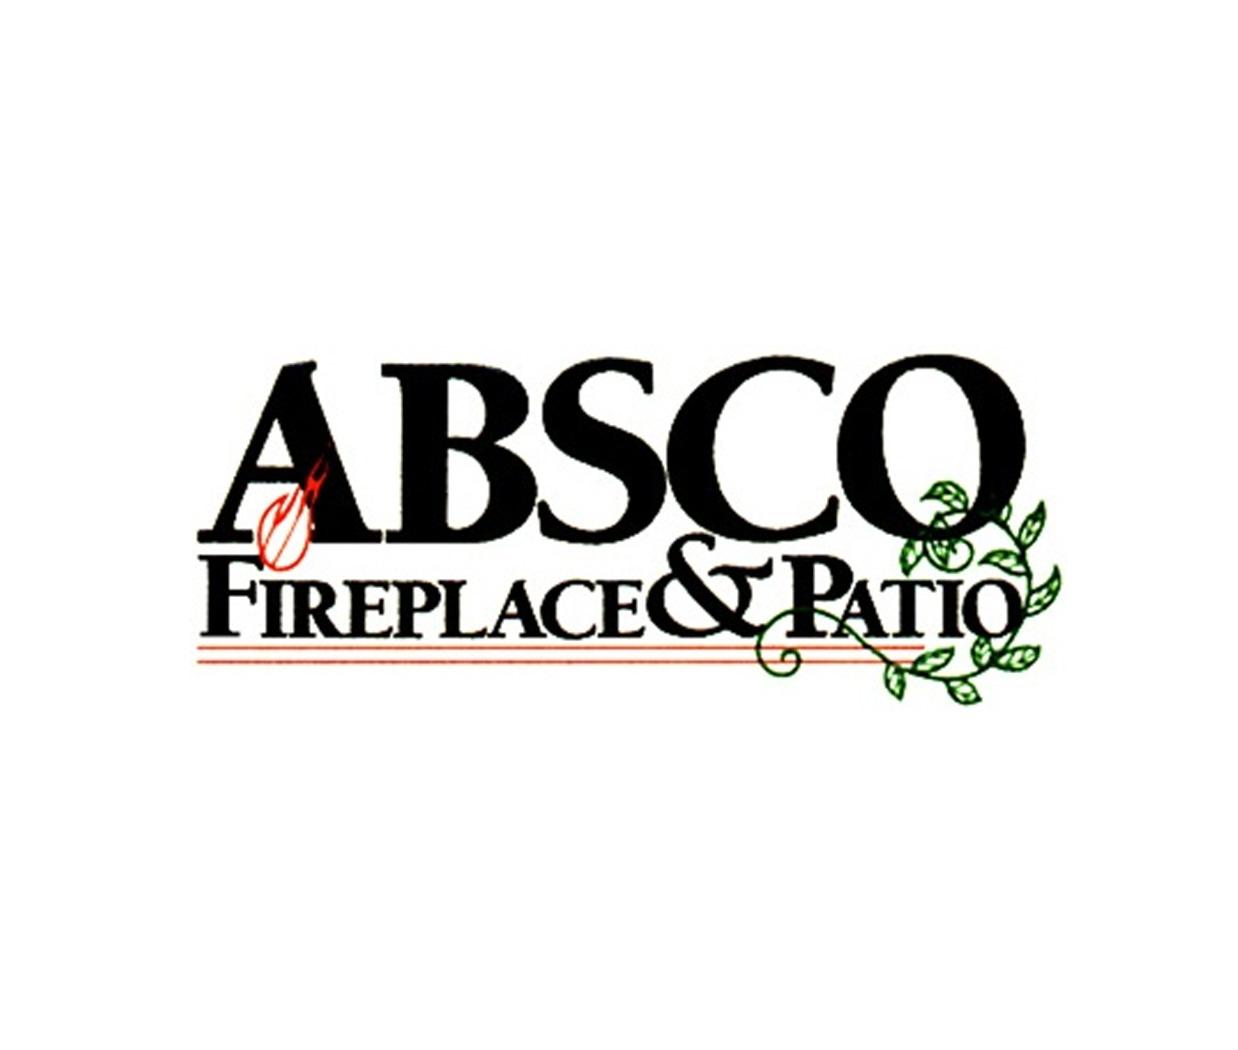 Absco